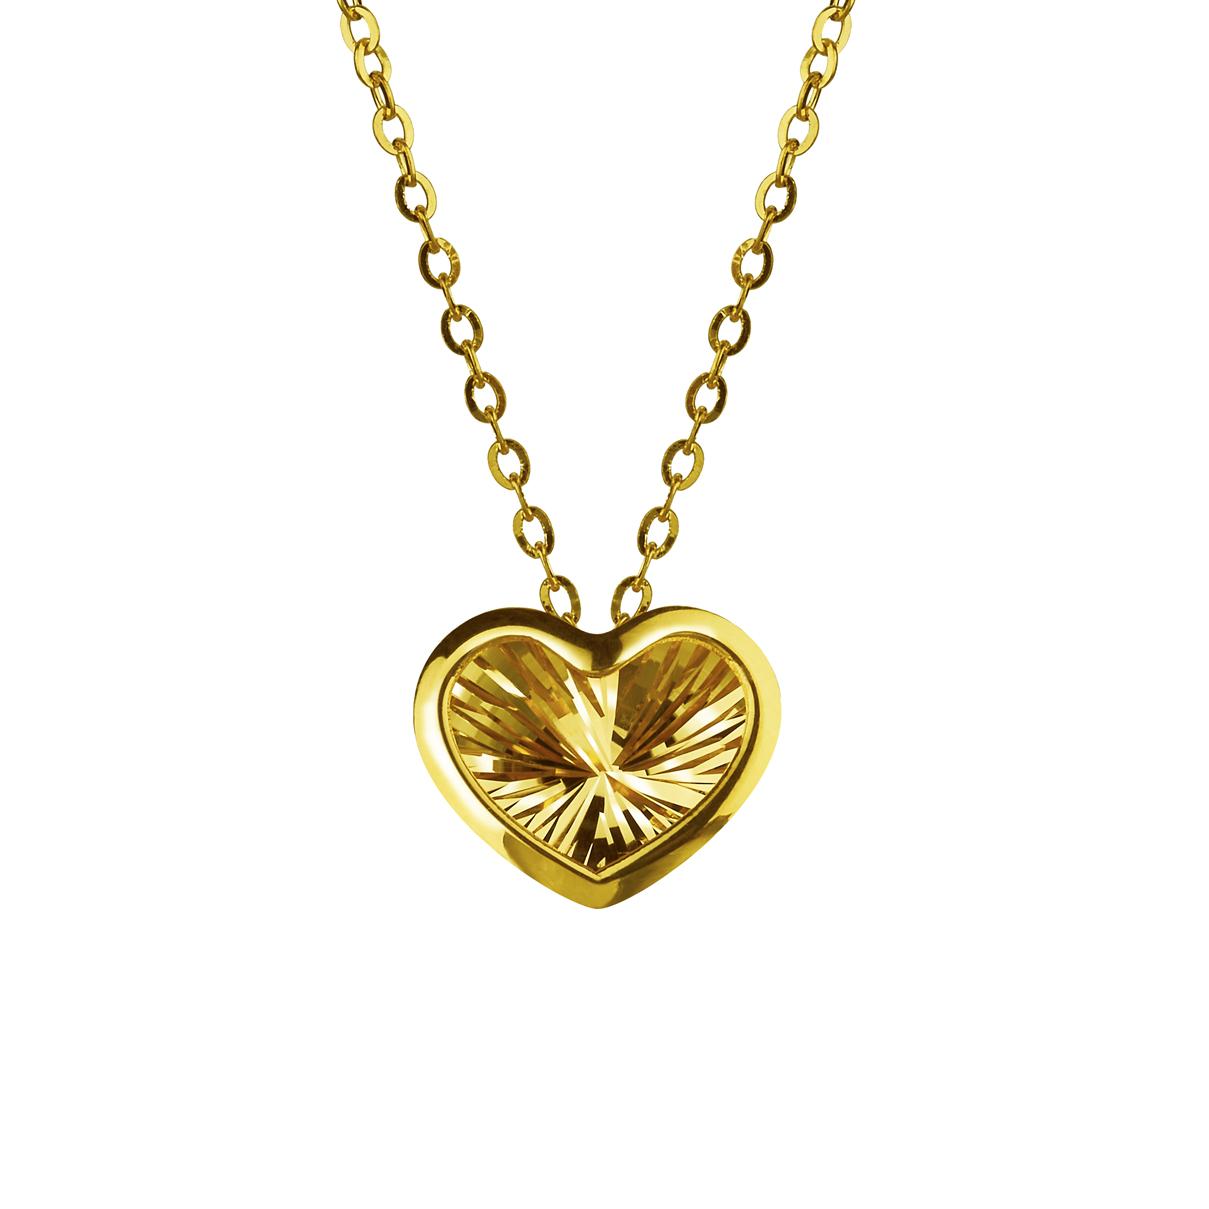 Goldstyle「悦心」项链